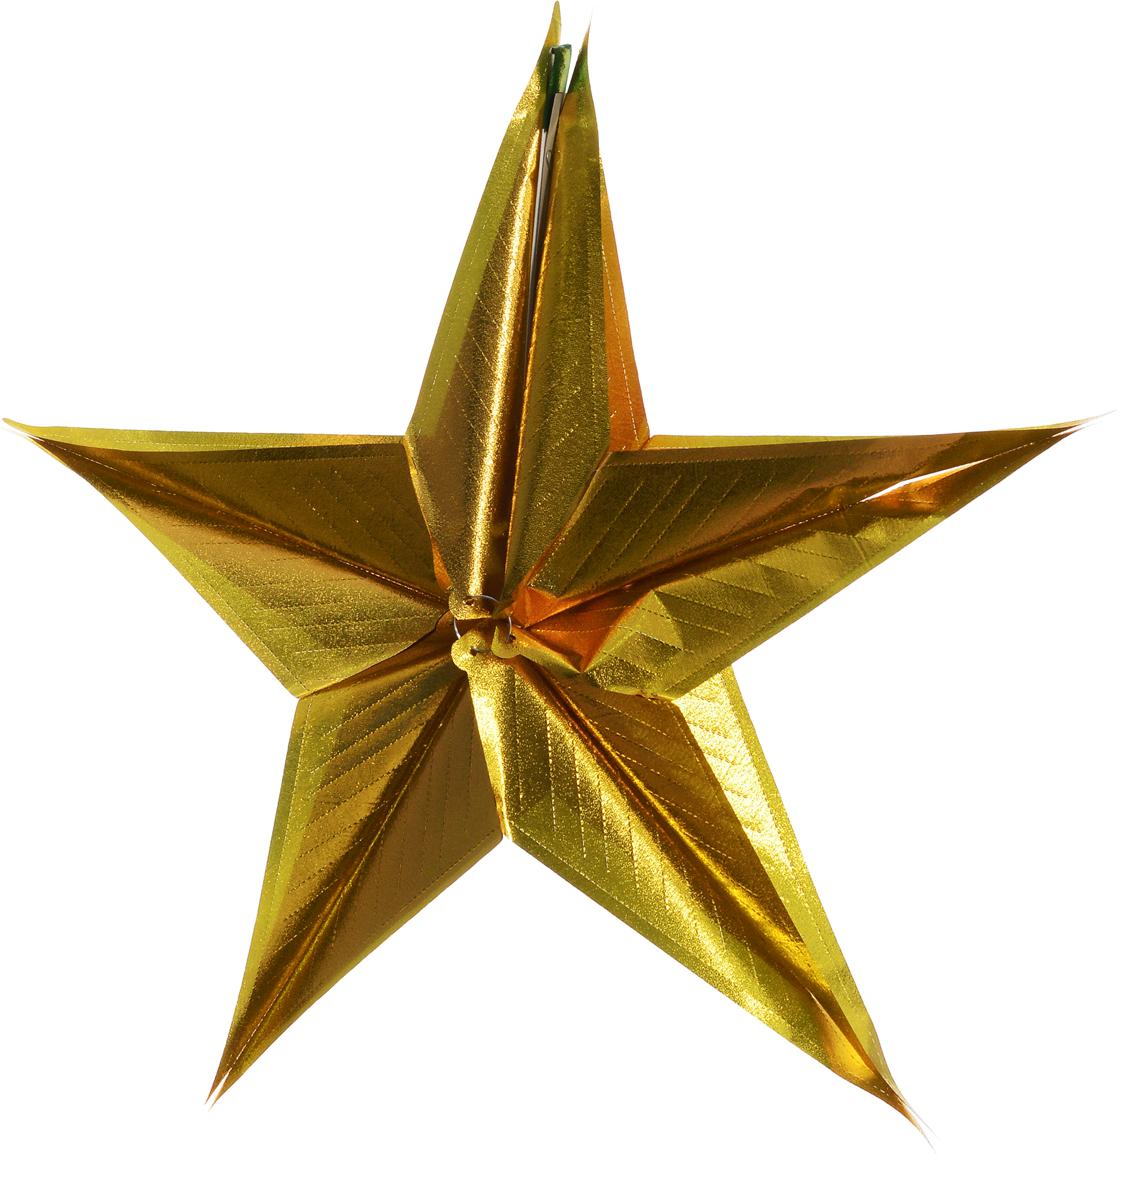 Гирлянда новогодняя Magic Time Звезда большая золотая, 17 x 32 см42119Новогодняя гирлянда Magic Time Звезда большая золотая прекрасно подойдет для декора дома и праздничной ели. Украшение выполнено из ПЭТ. С помощью специальной петельки гирлянду можно повесить в любом понравившемся вам месте. Легко складывается и раскладывается.Новогодние украшения несут в себе волшебство и красоту праздника. Они помогут вам украсить дом к предстоящим праздникам и оживить интерьер по вашему вкусу. Создайте в доме атмосферу тепла, веселья и радости, украшая его всей семьей.